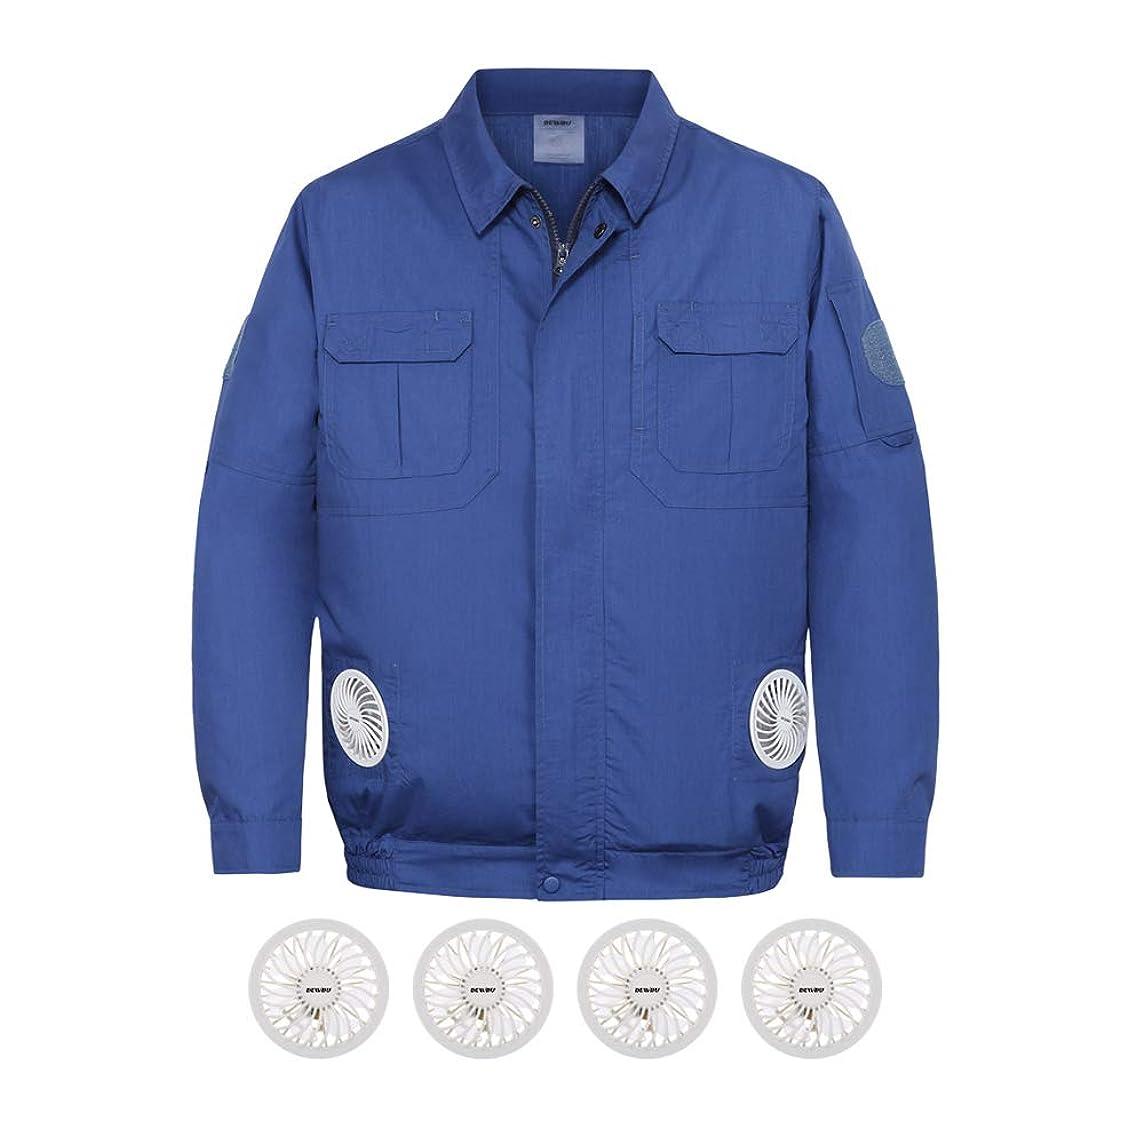 アトミック酸度好色なDEWBU 空調 服 熱中症対策 作業服 ファン4個 釣り服 長袖半袖調節可 USBケーブル 3段階調節 静音エンジン 低騒音 超軽量 強い動力 DB-Z01(ブルー,2XL)